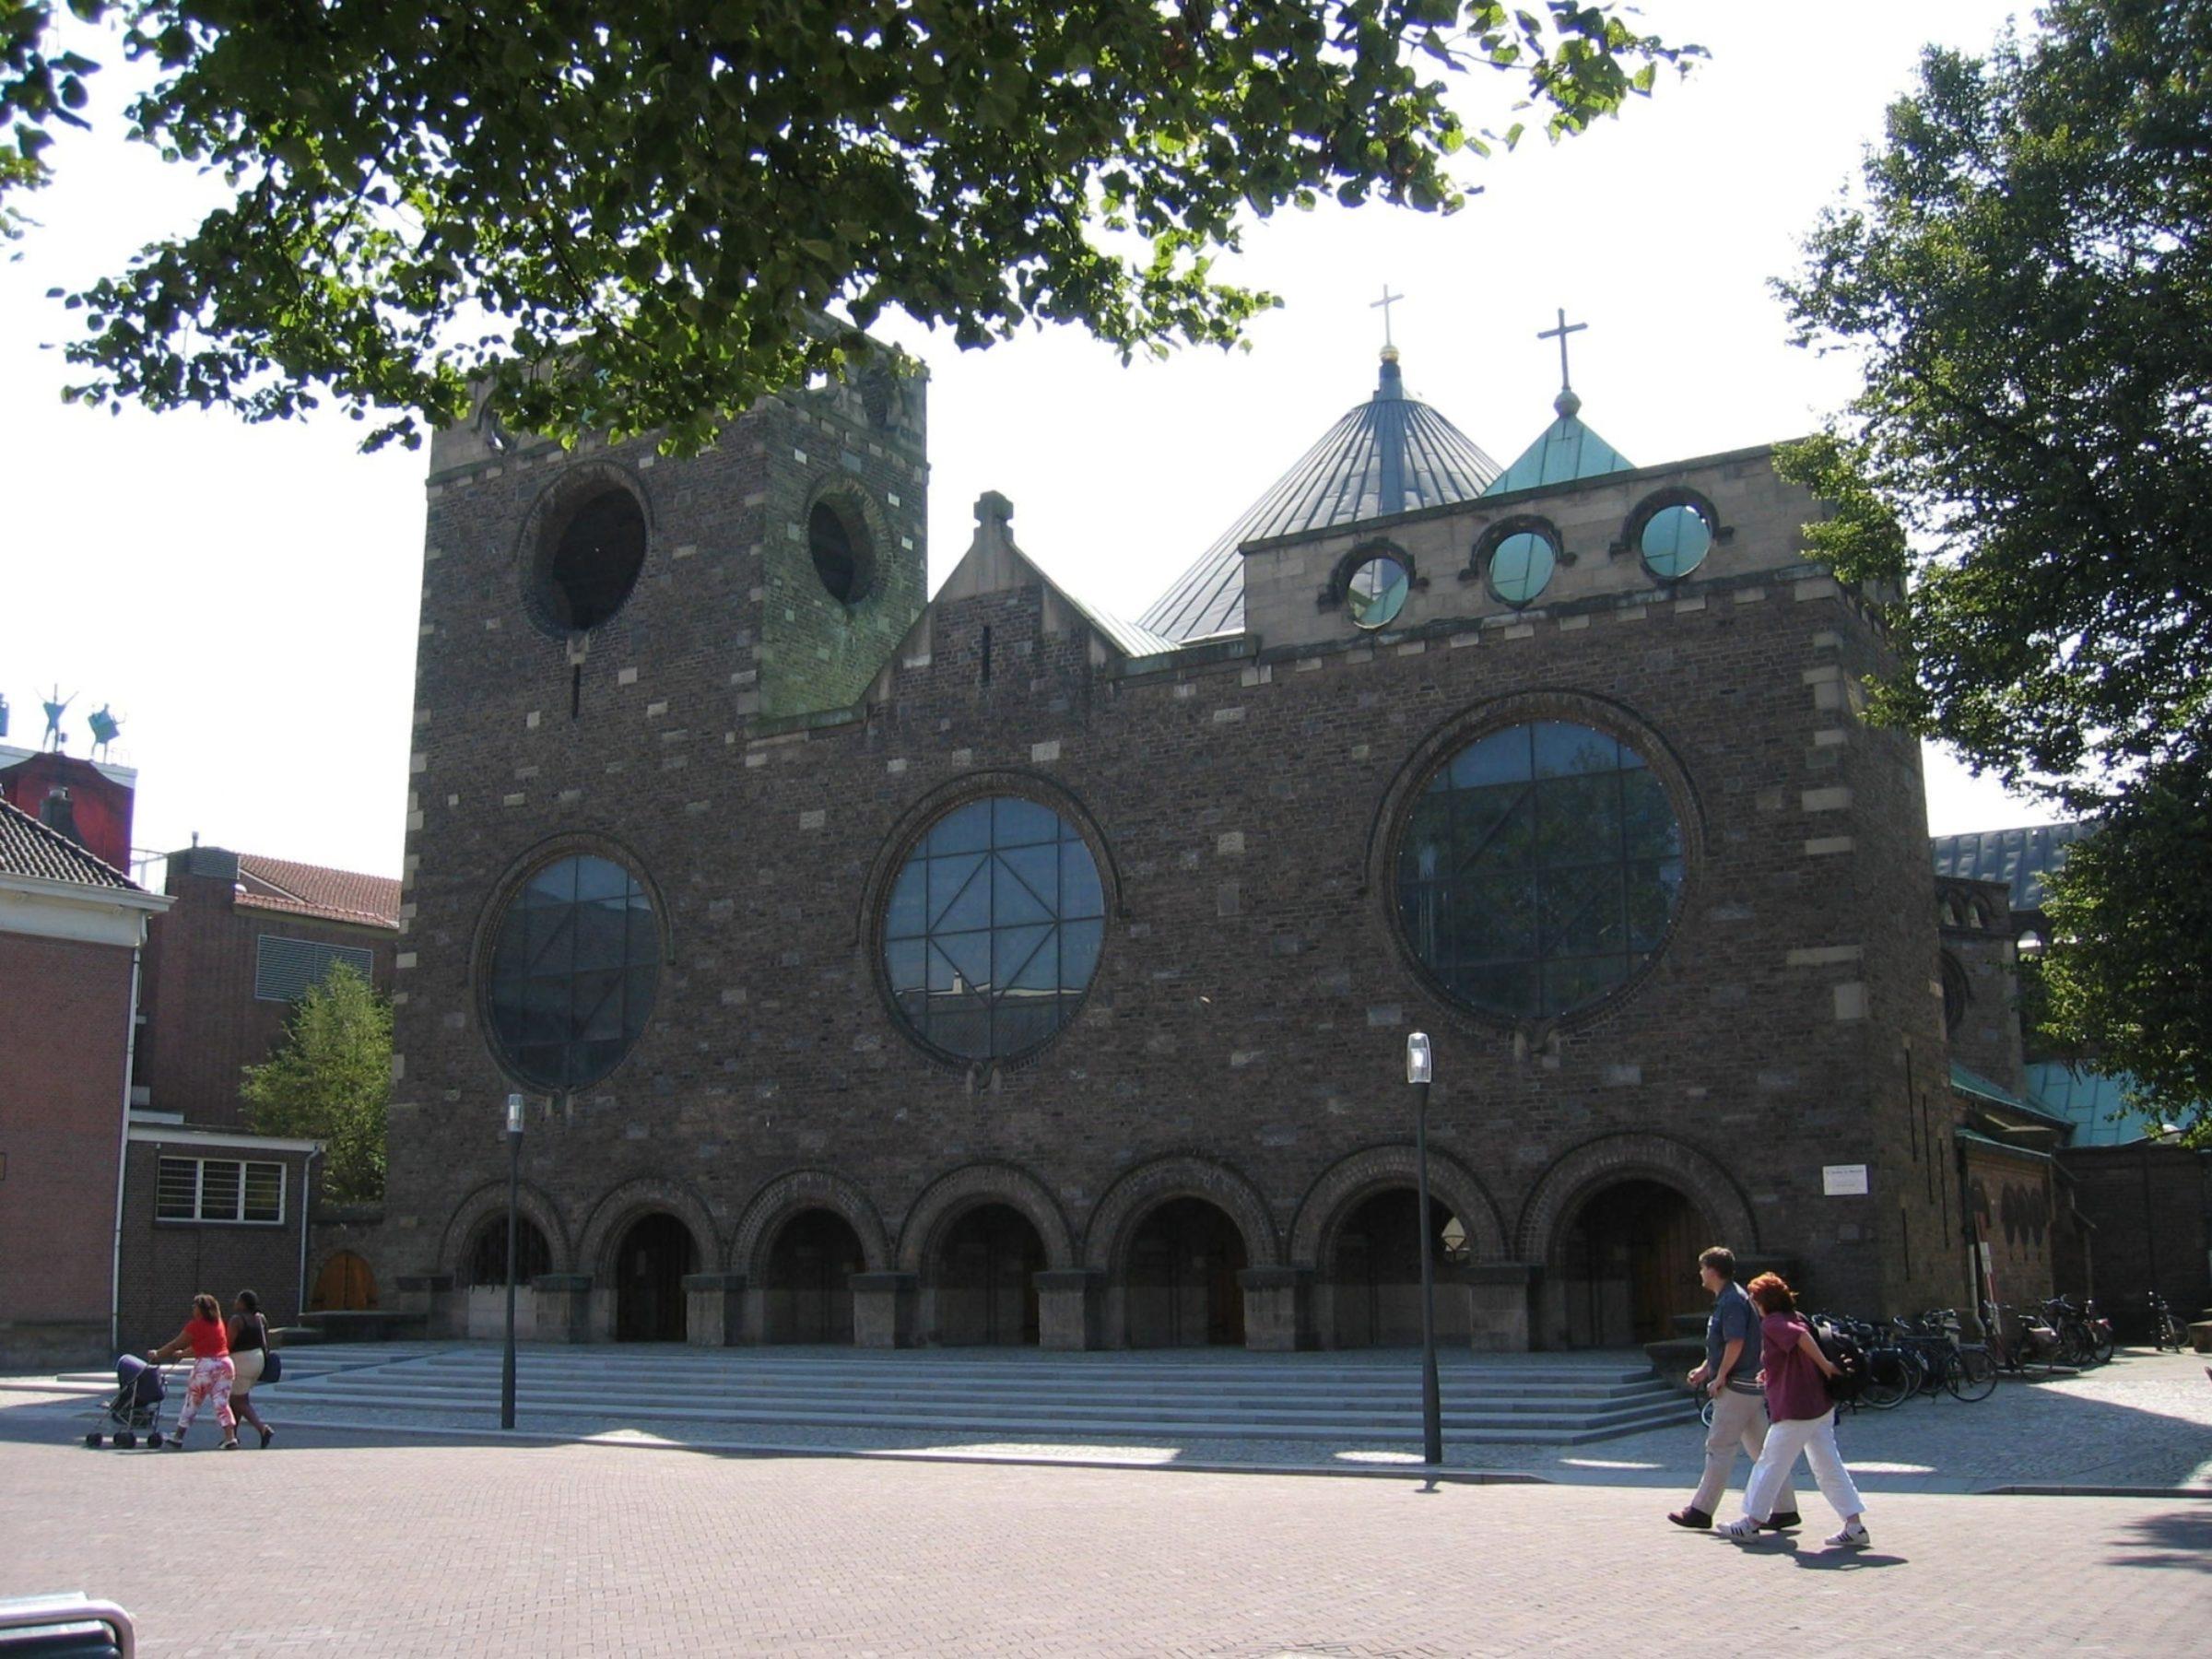 Jacobuskerk 2004 1201 1533814588 35ht16xnbc